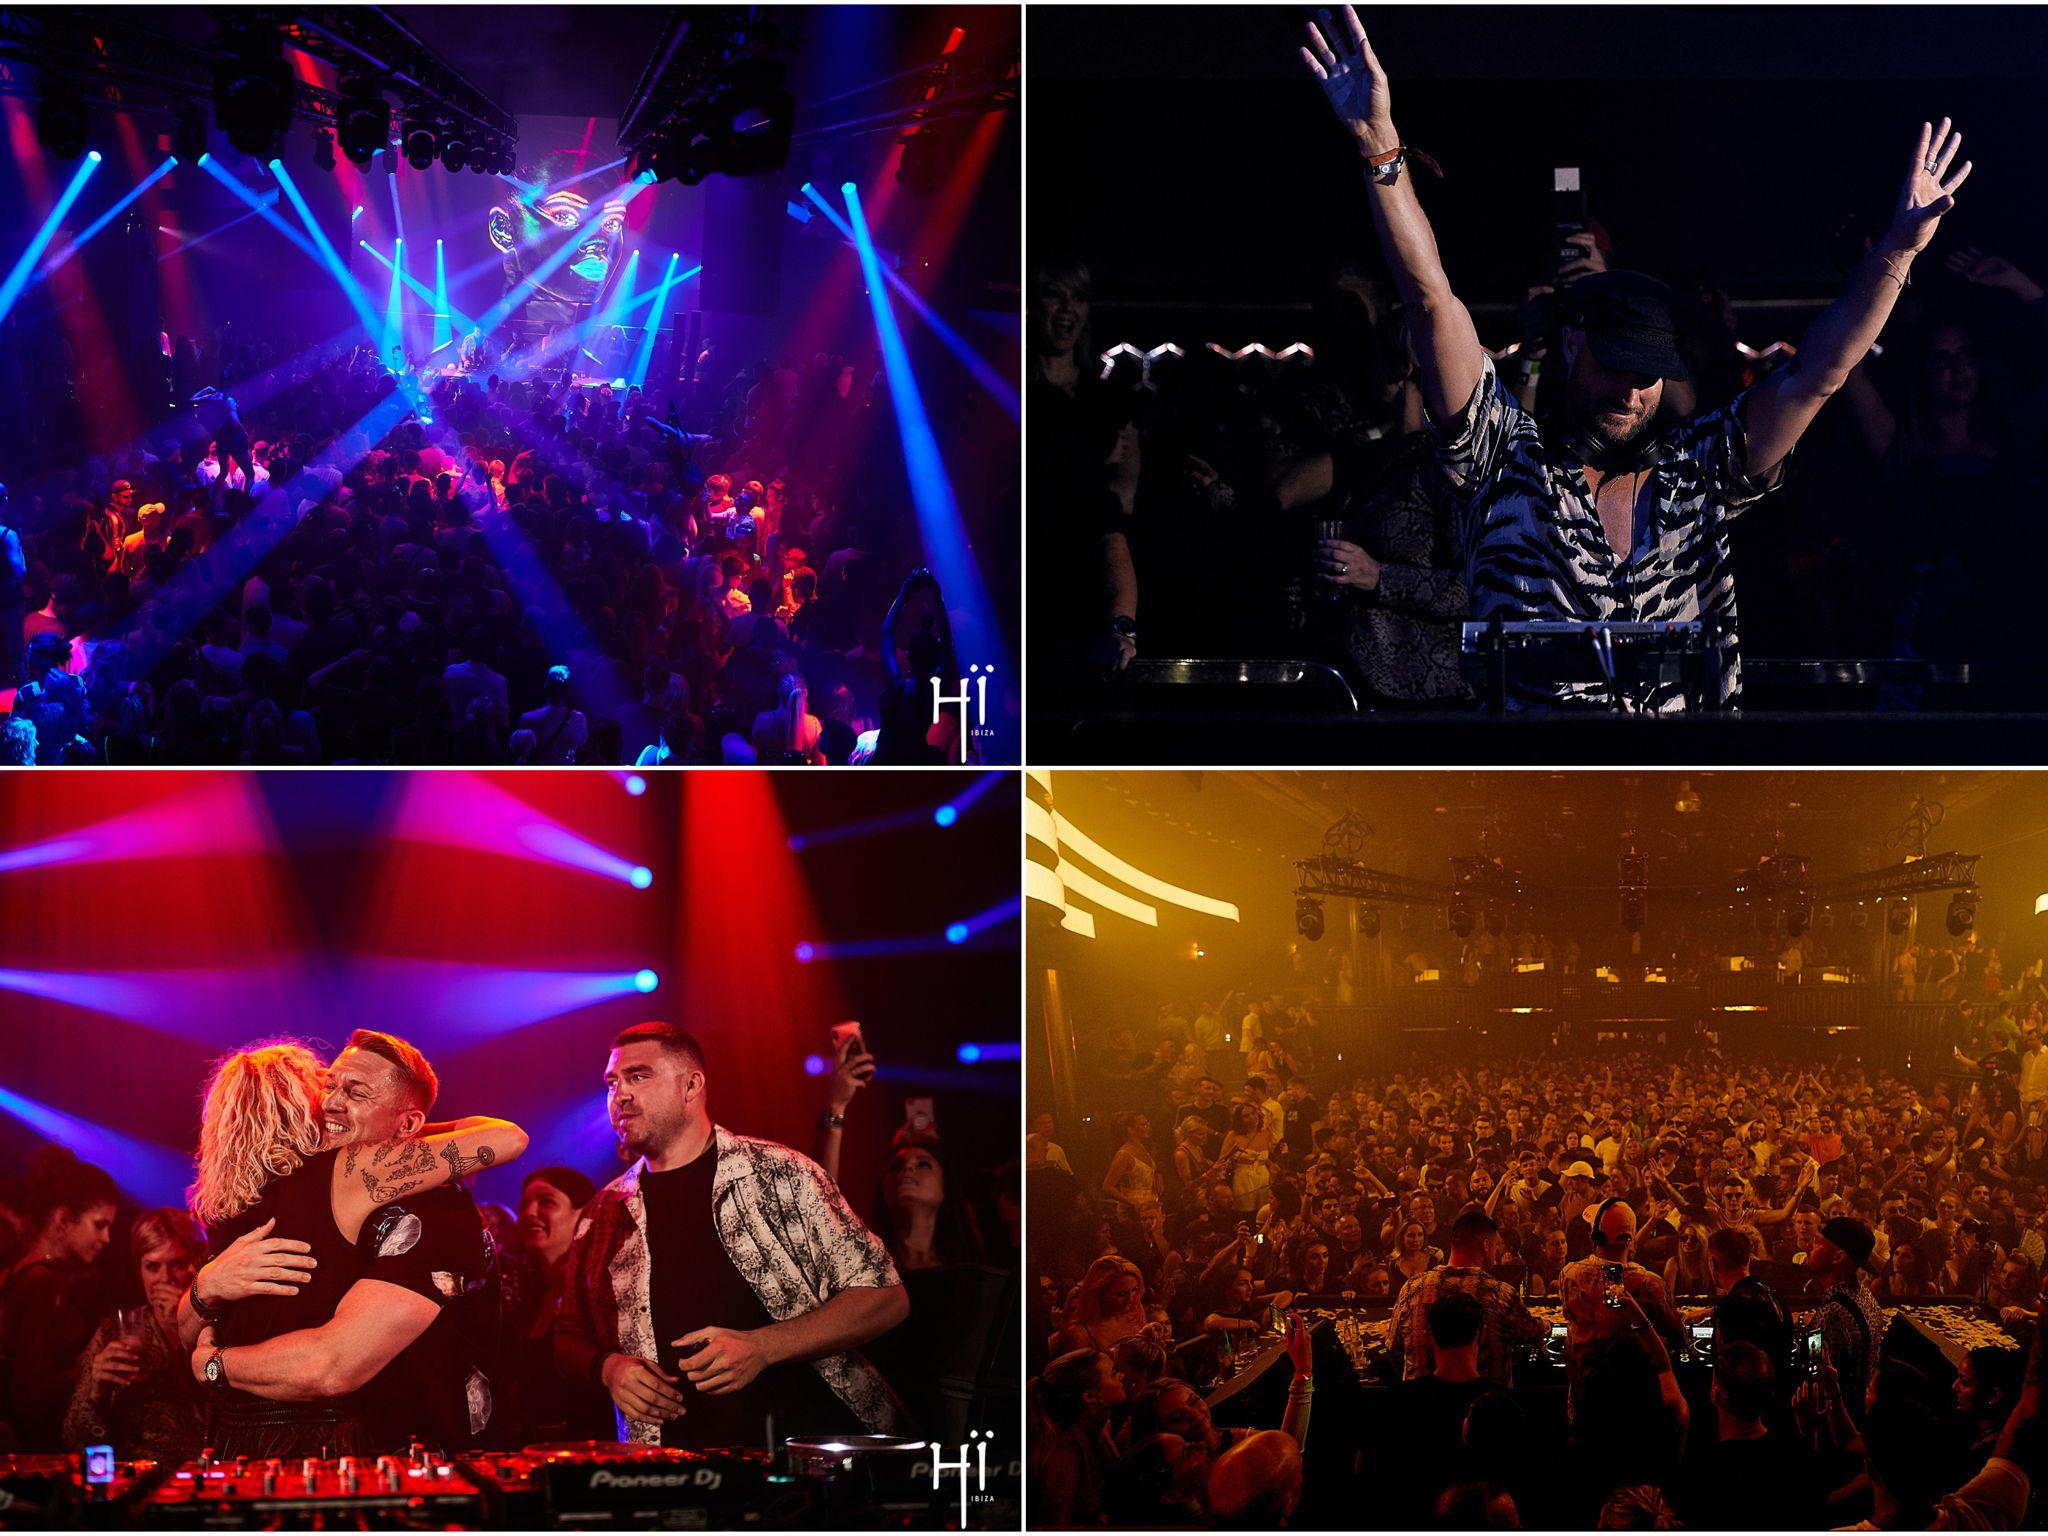 Bodyworks opening party Hi Ibiza